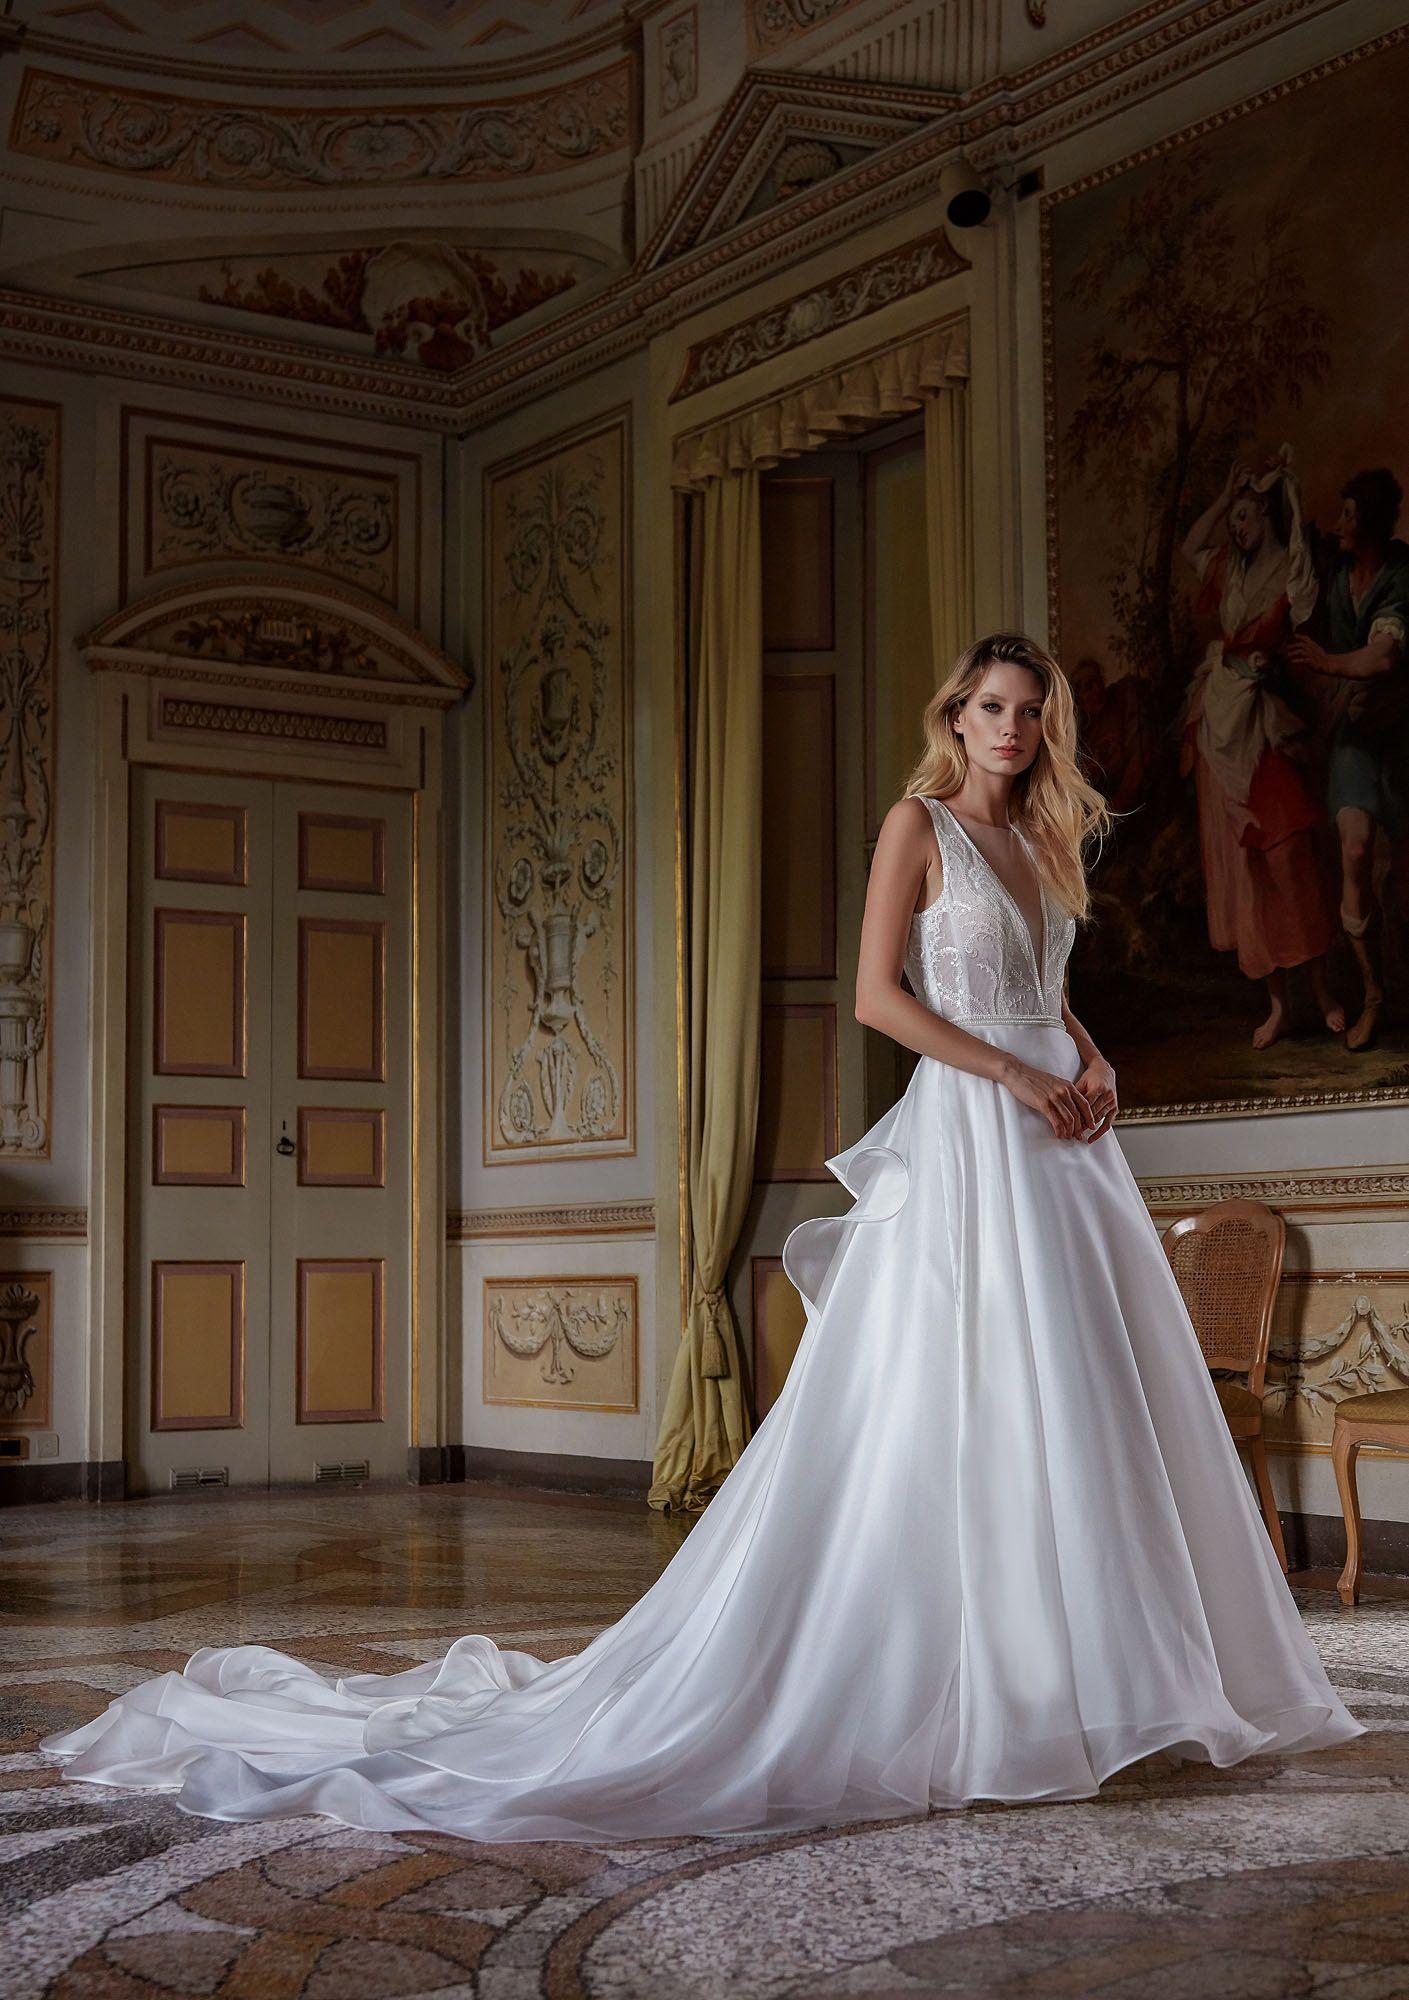 12449c1a9993a MODELLO 1819 Abito da sposa romantico effetto moda in organza di seta pura e  bustino in